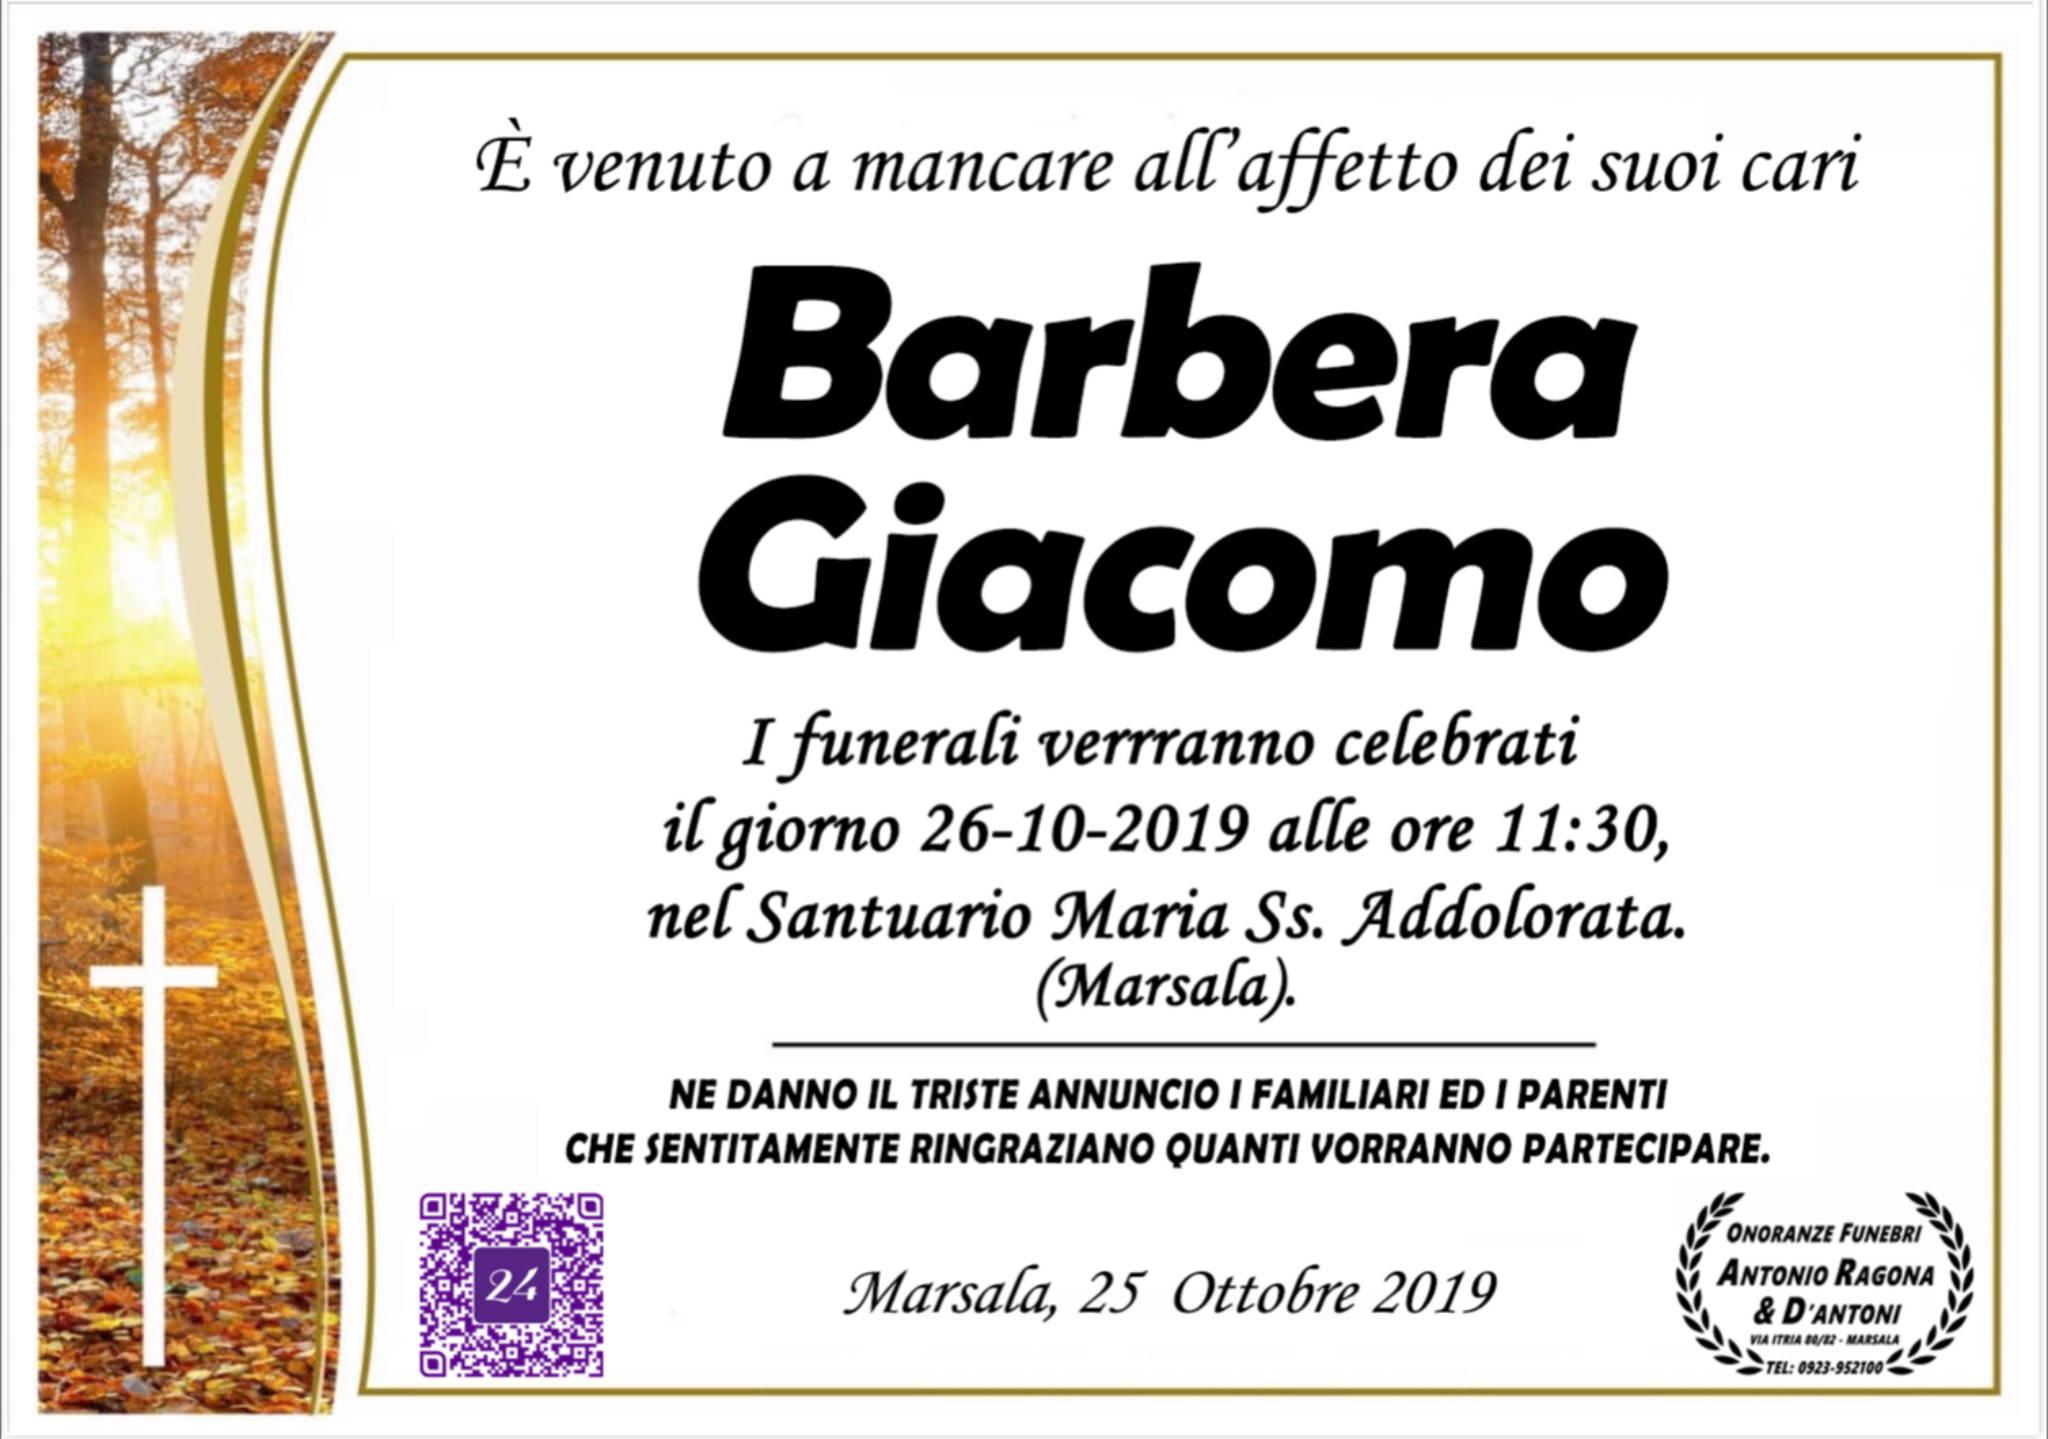 Barbera Giacomo